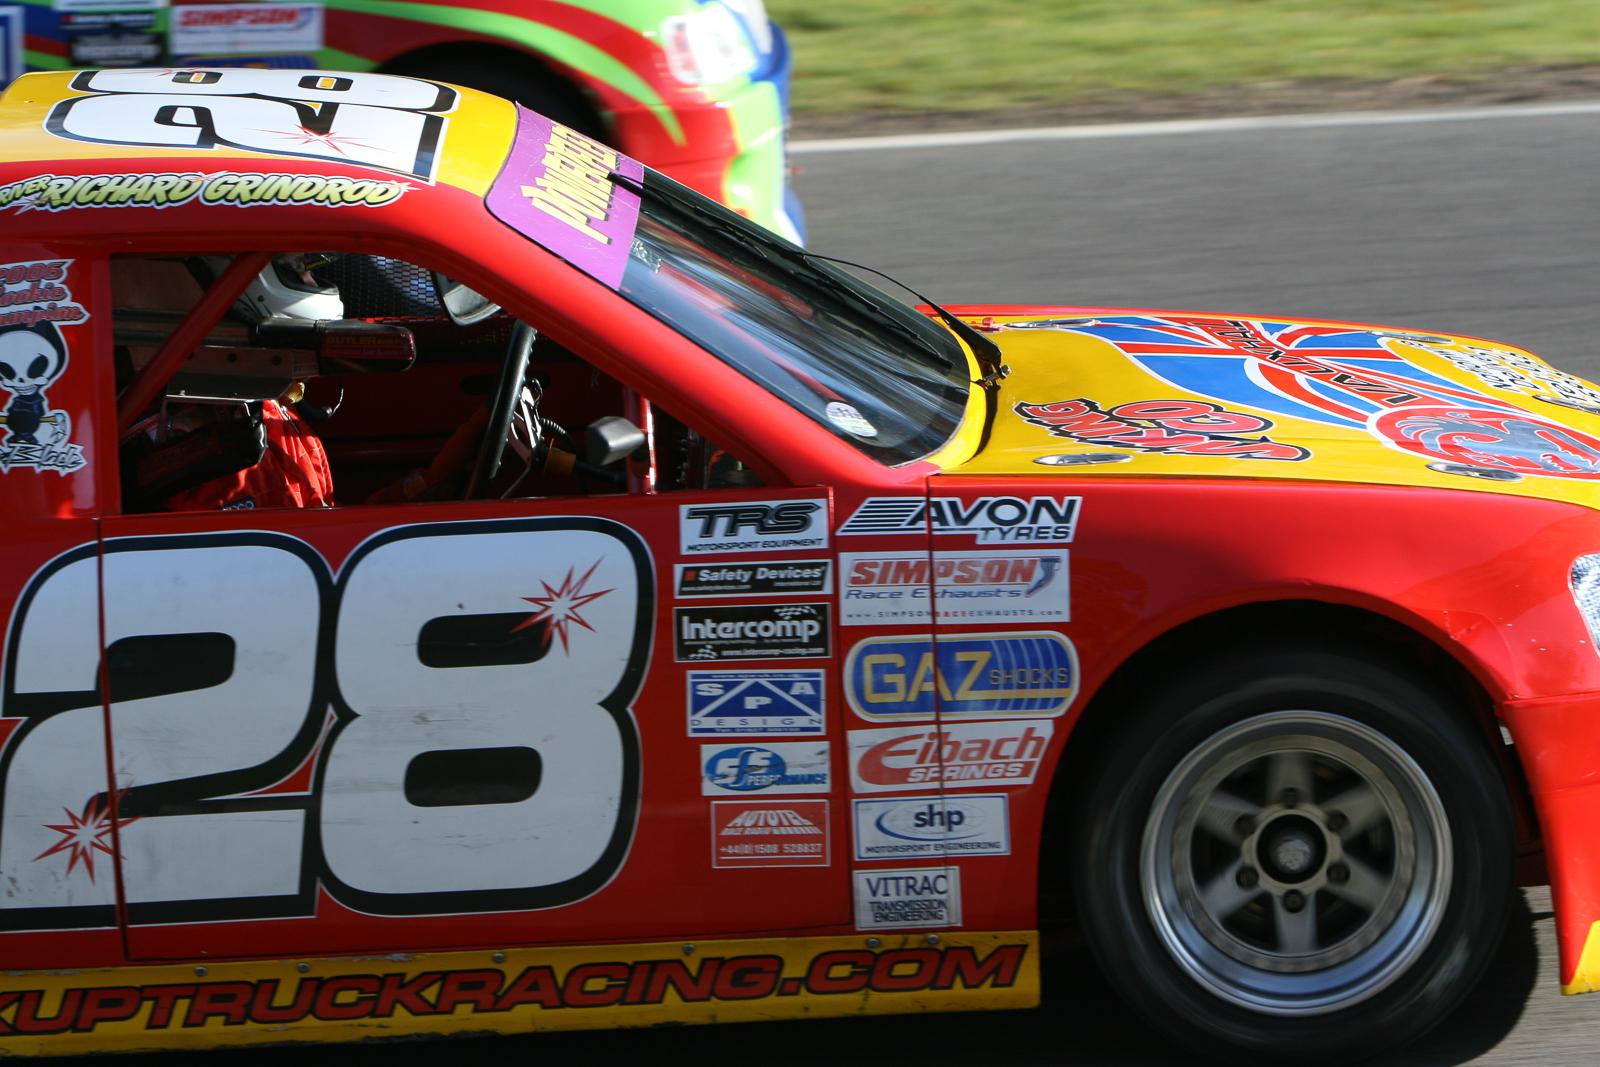 20071103 - Truck Racing Brands -071103 -029